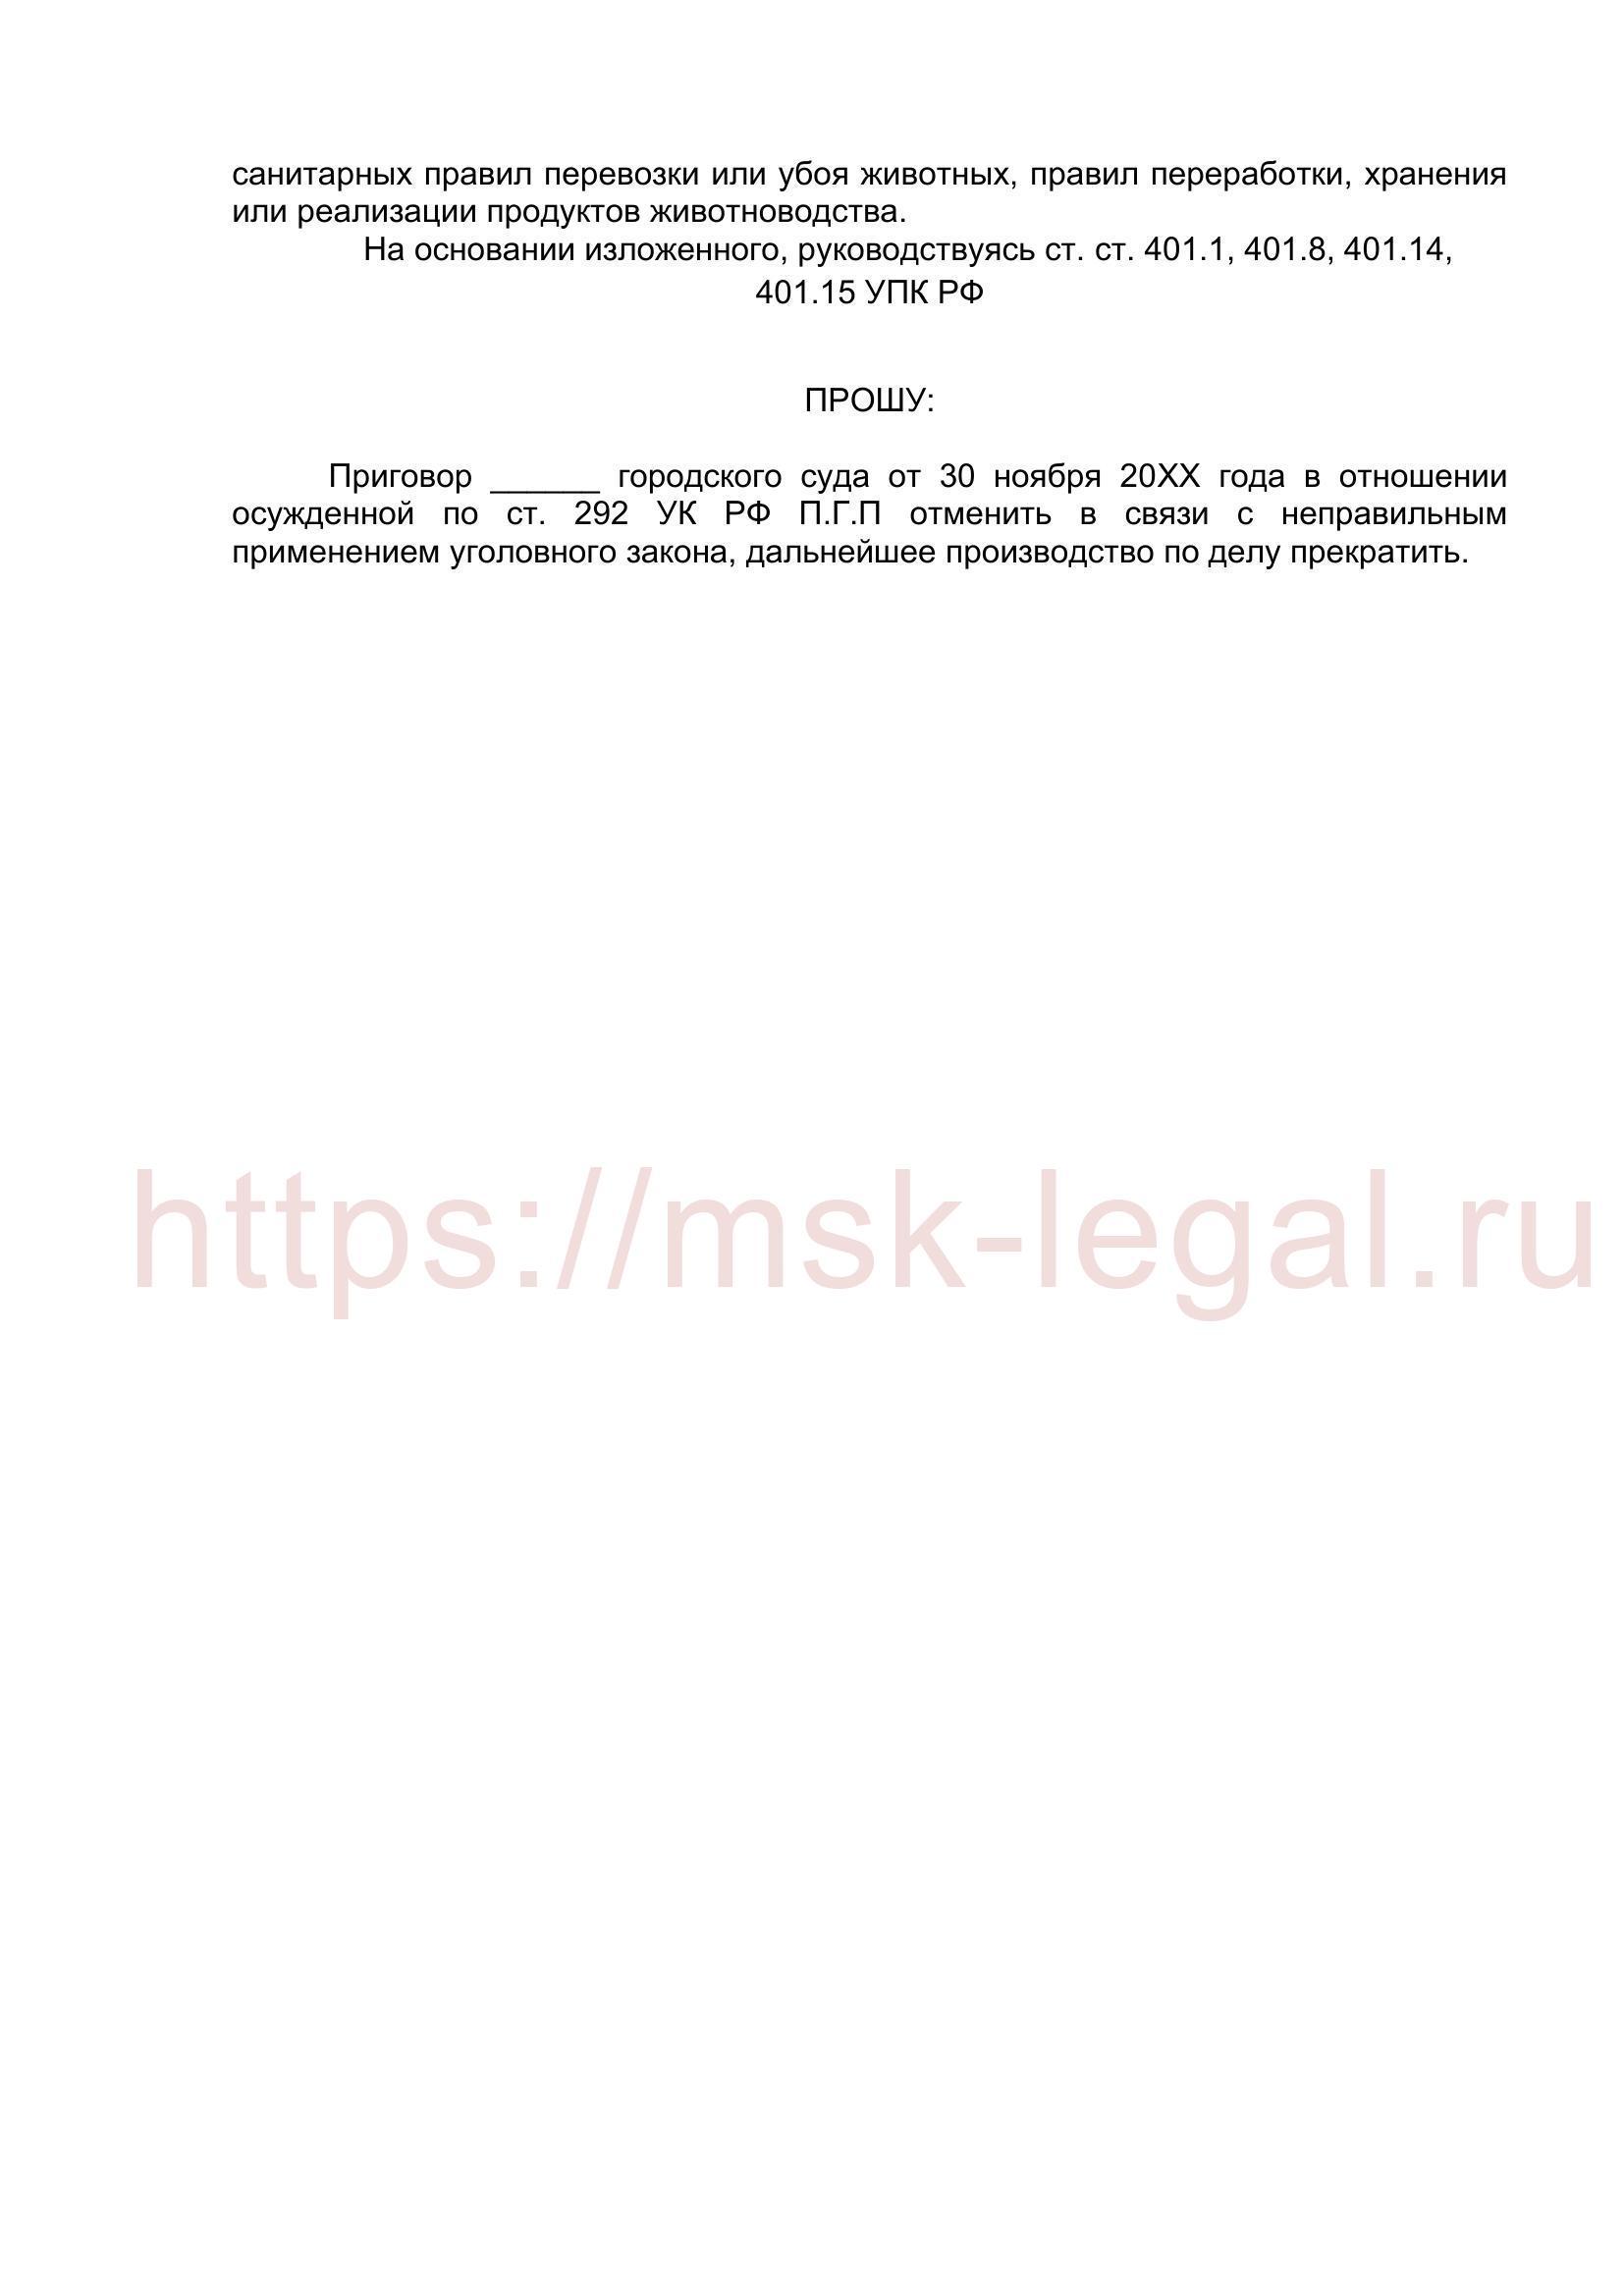 Кассационная жалоба на приговор по ст. 292 УК РФ